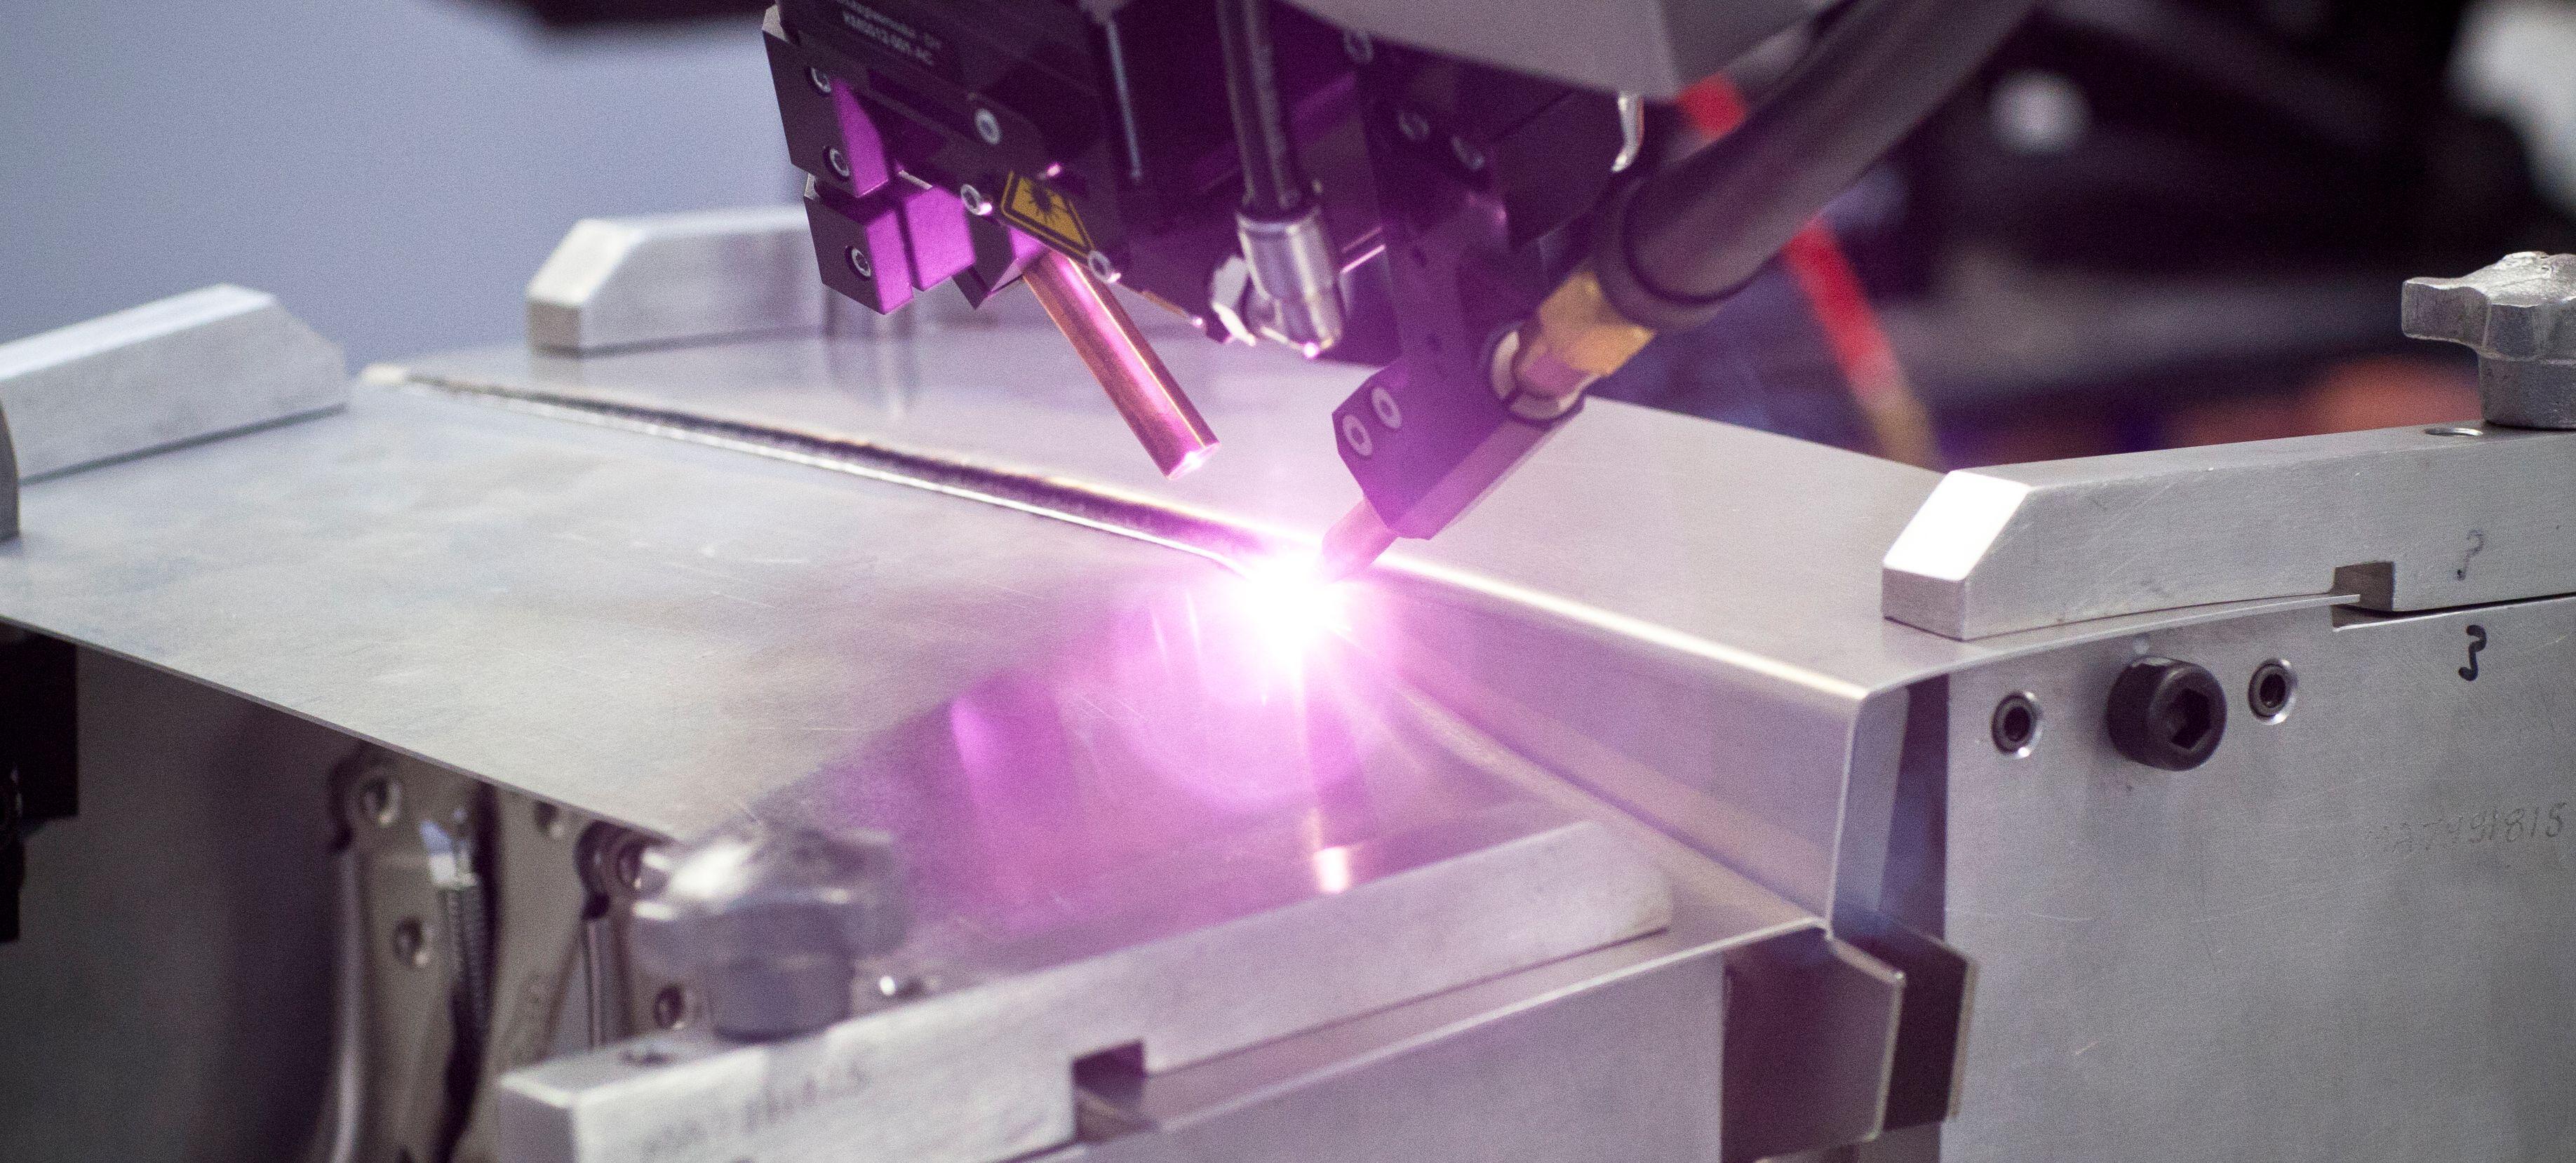 Prozess Laserschweißen Aluminium